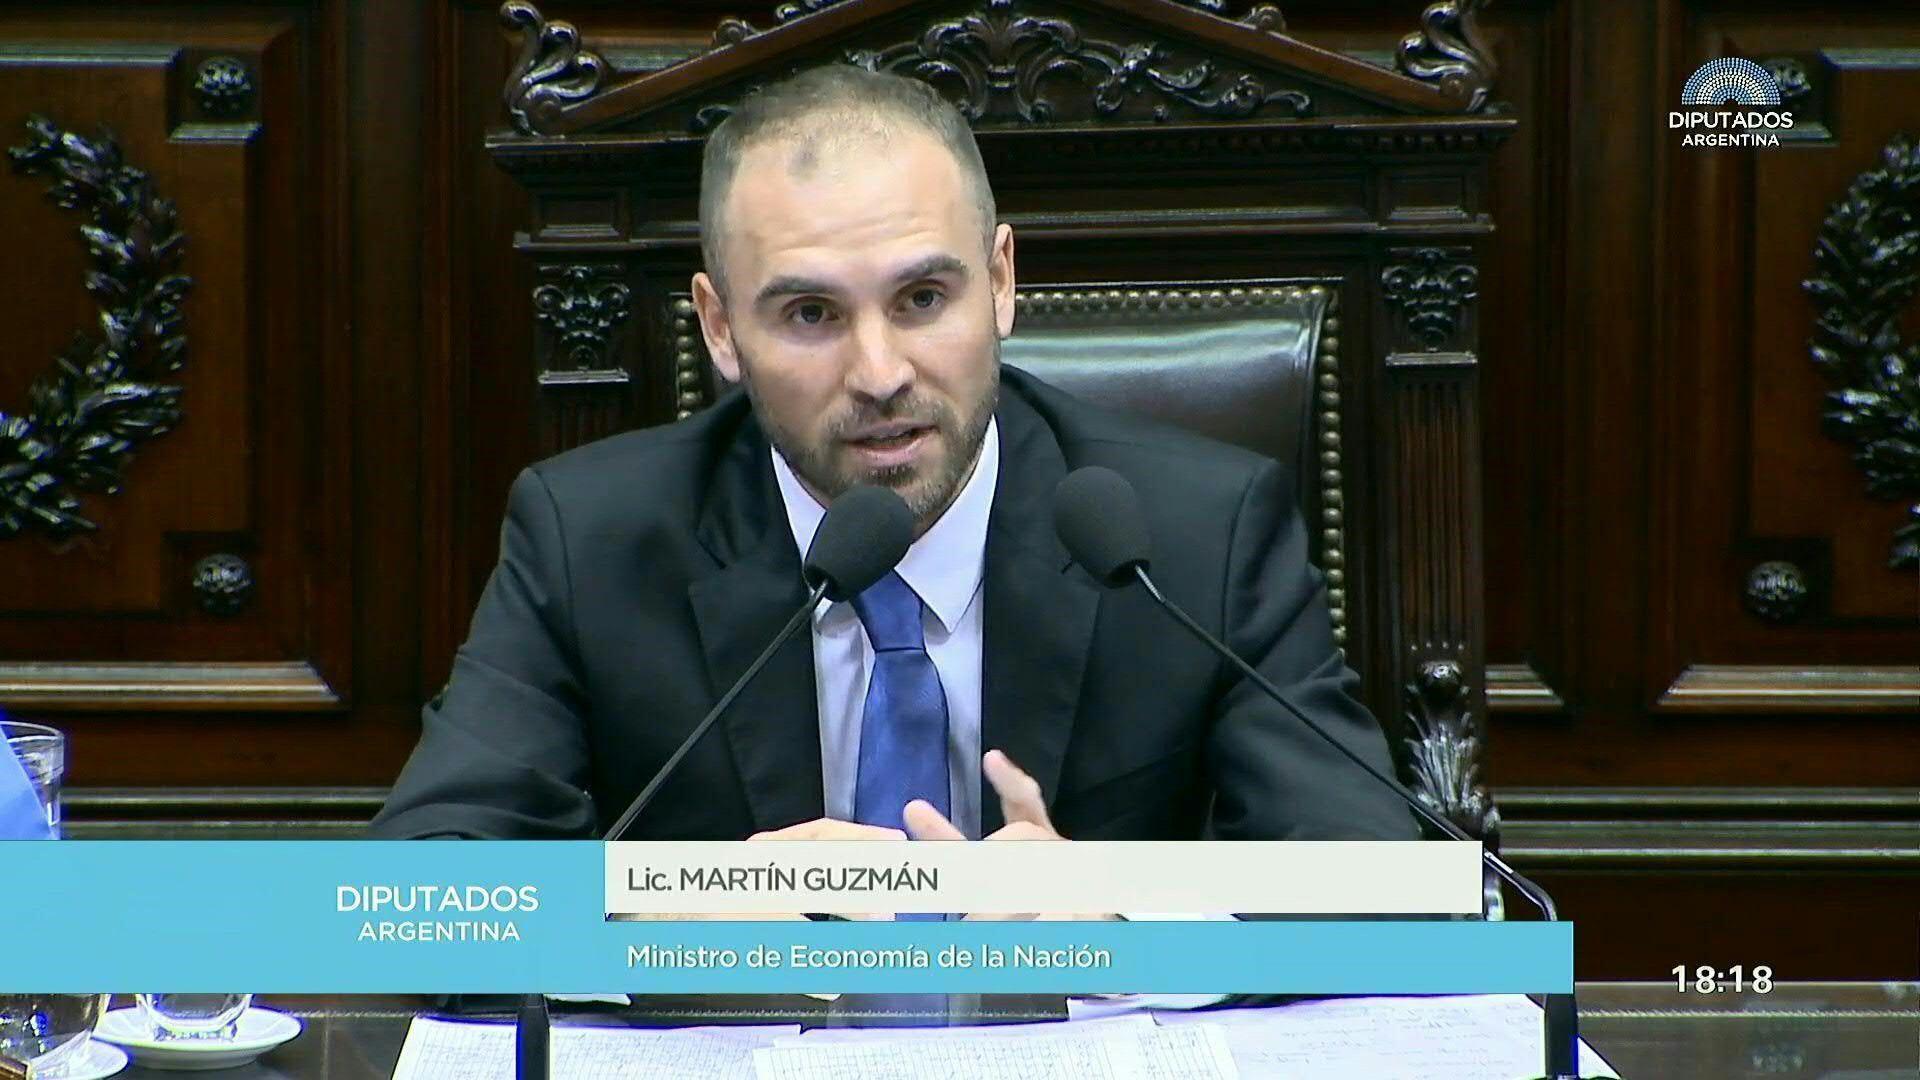 Por el coronavirus, la renegociación de la deuda que lleva a cabo el ministro Martín Guzmán tomará más tiempo del previsto,